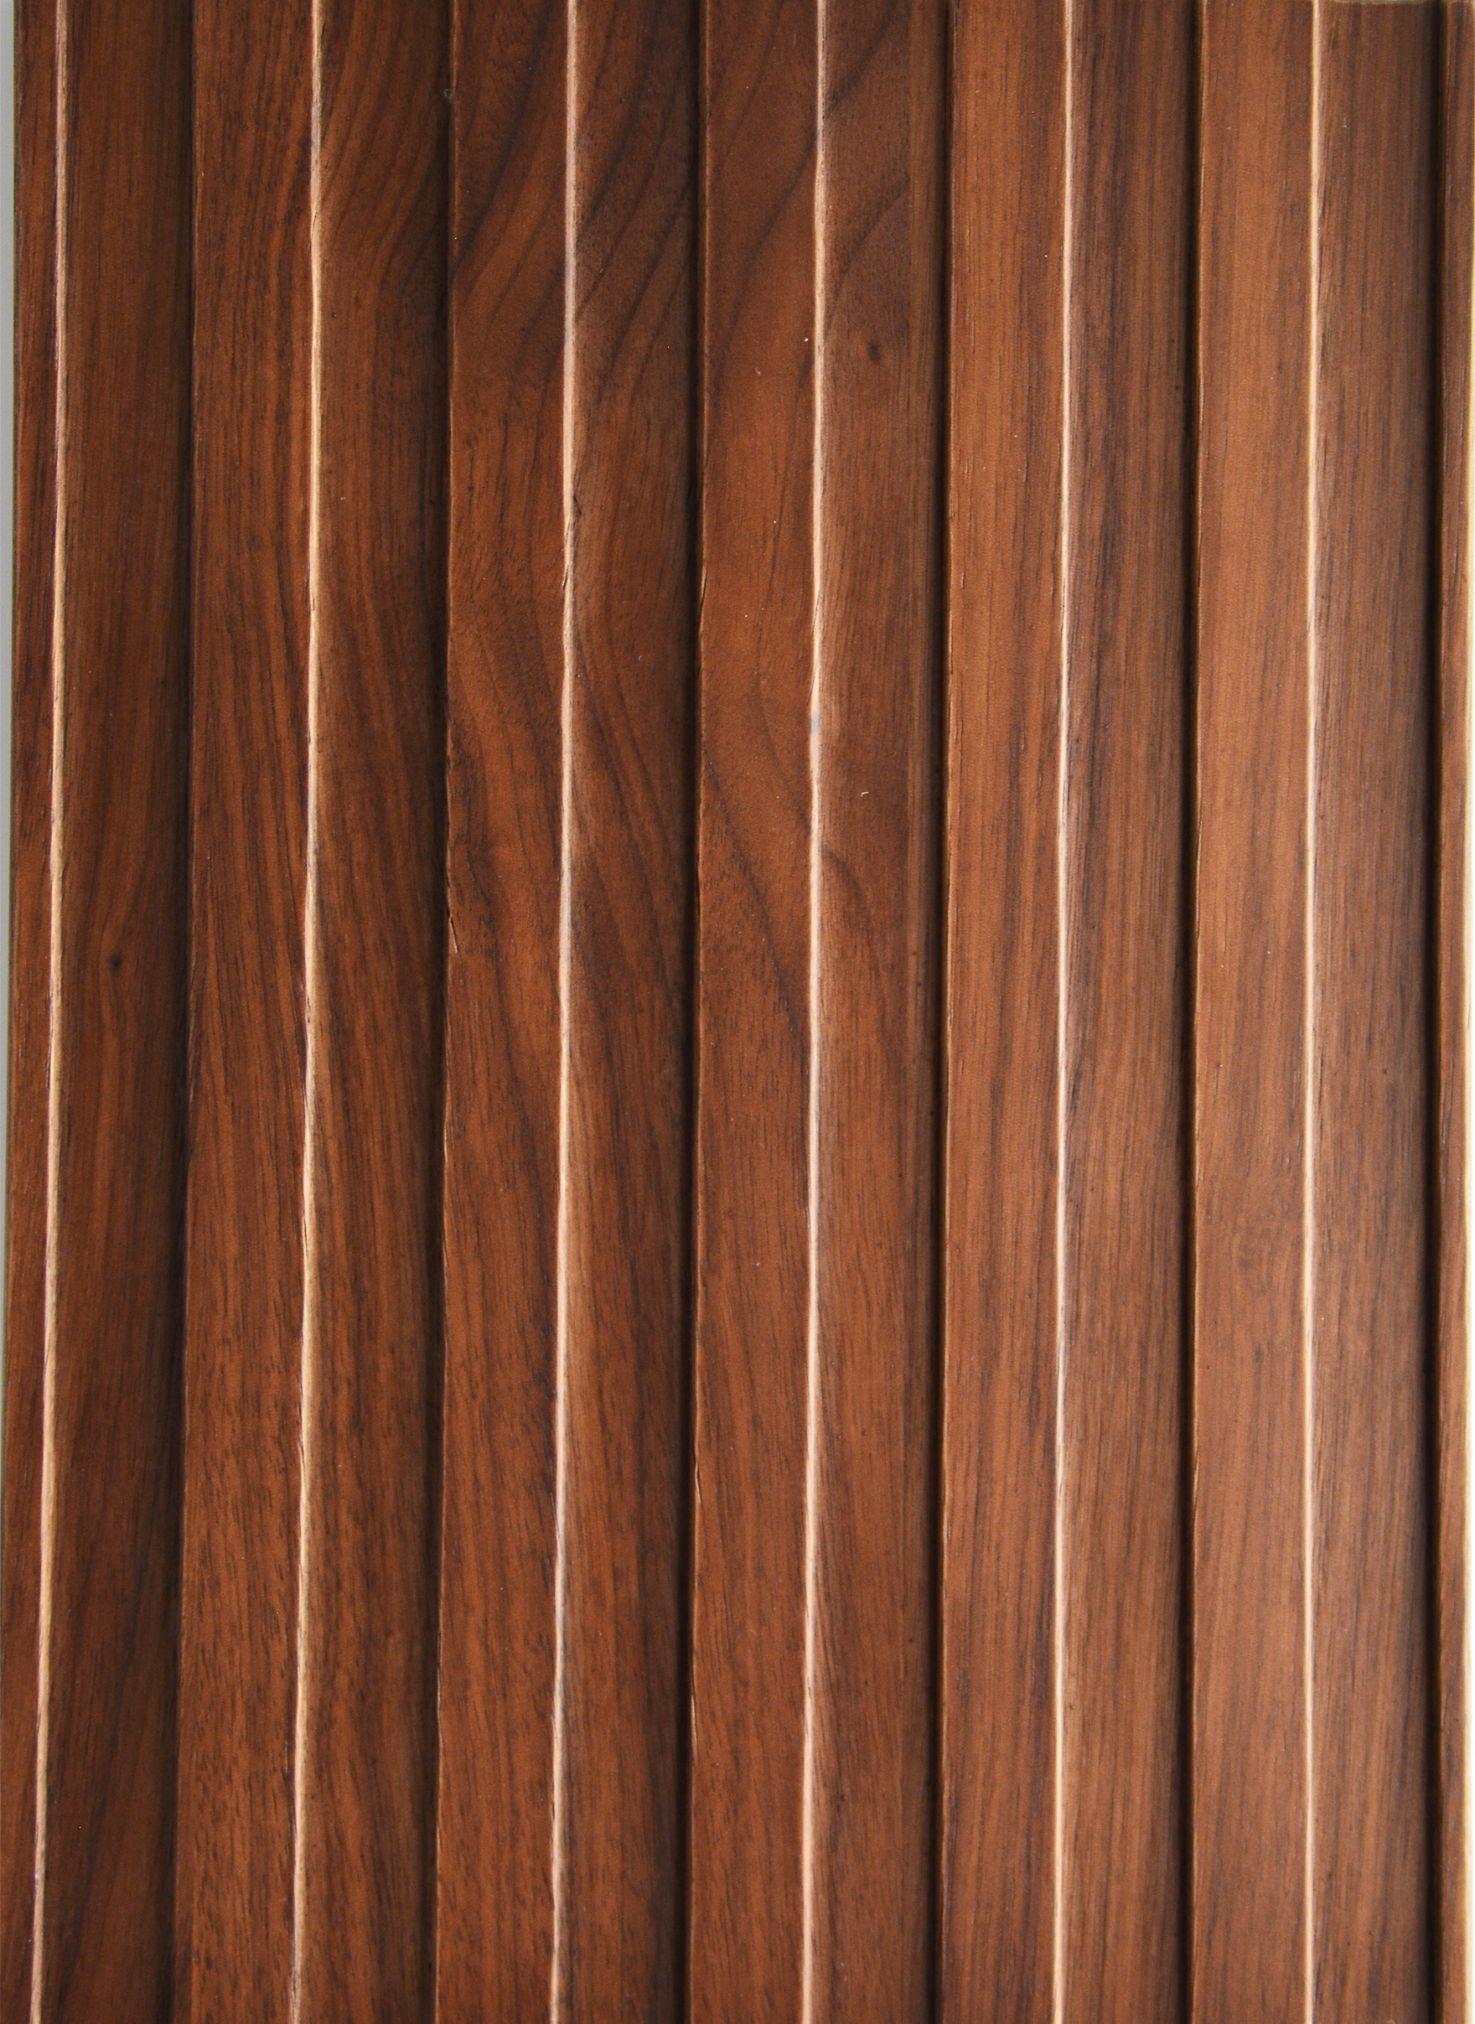 2643 - Straight - Heartwood walnut - Real wood veneer